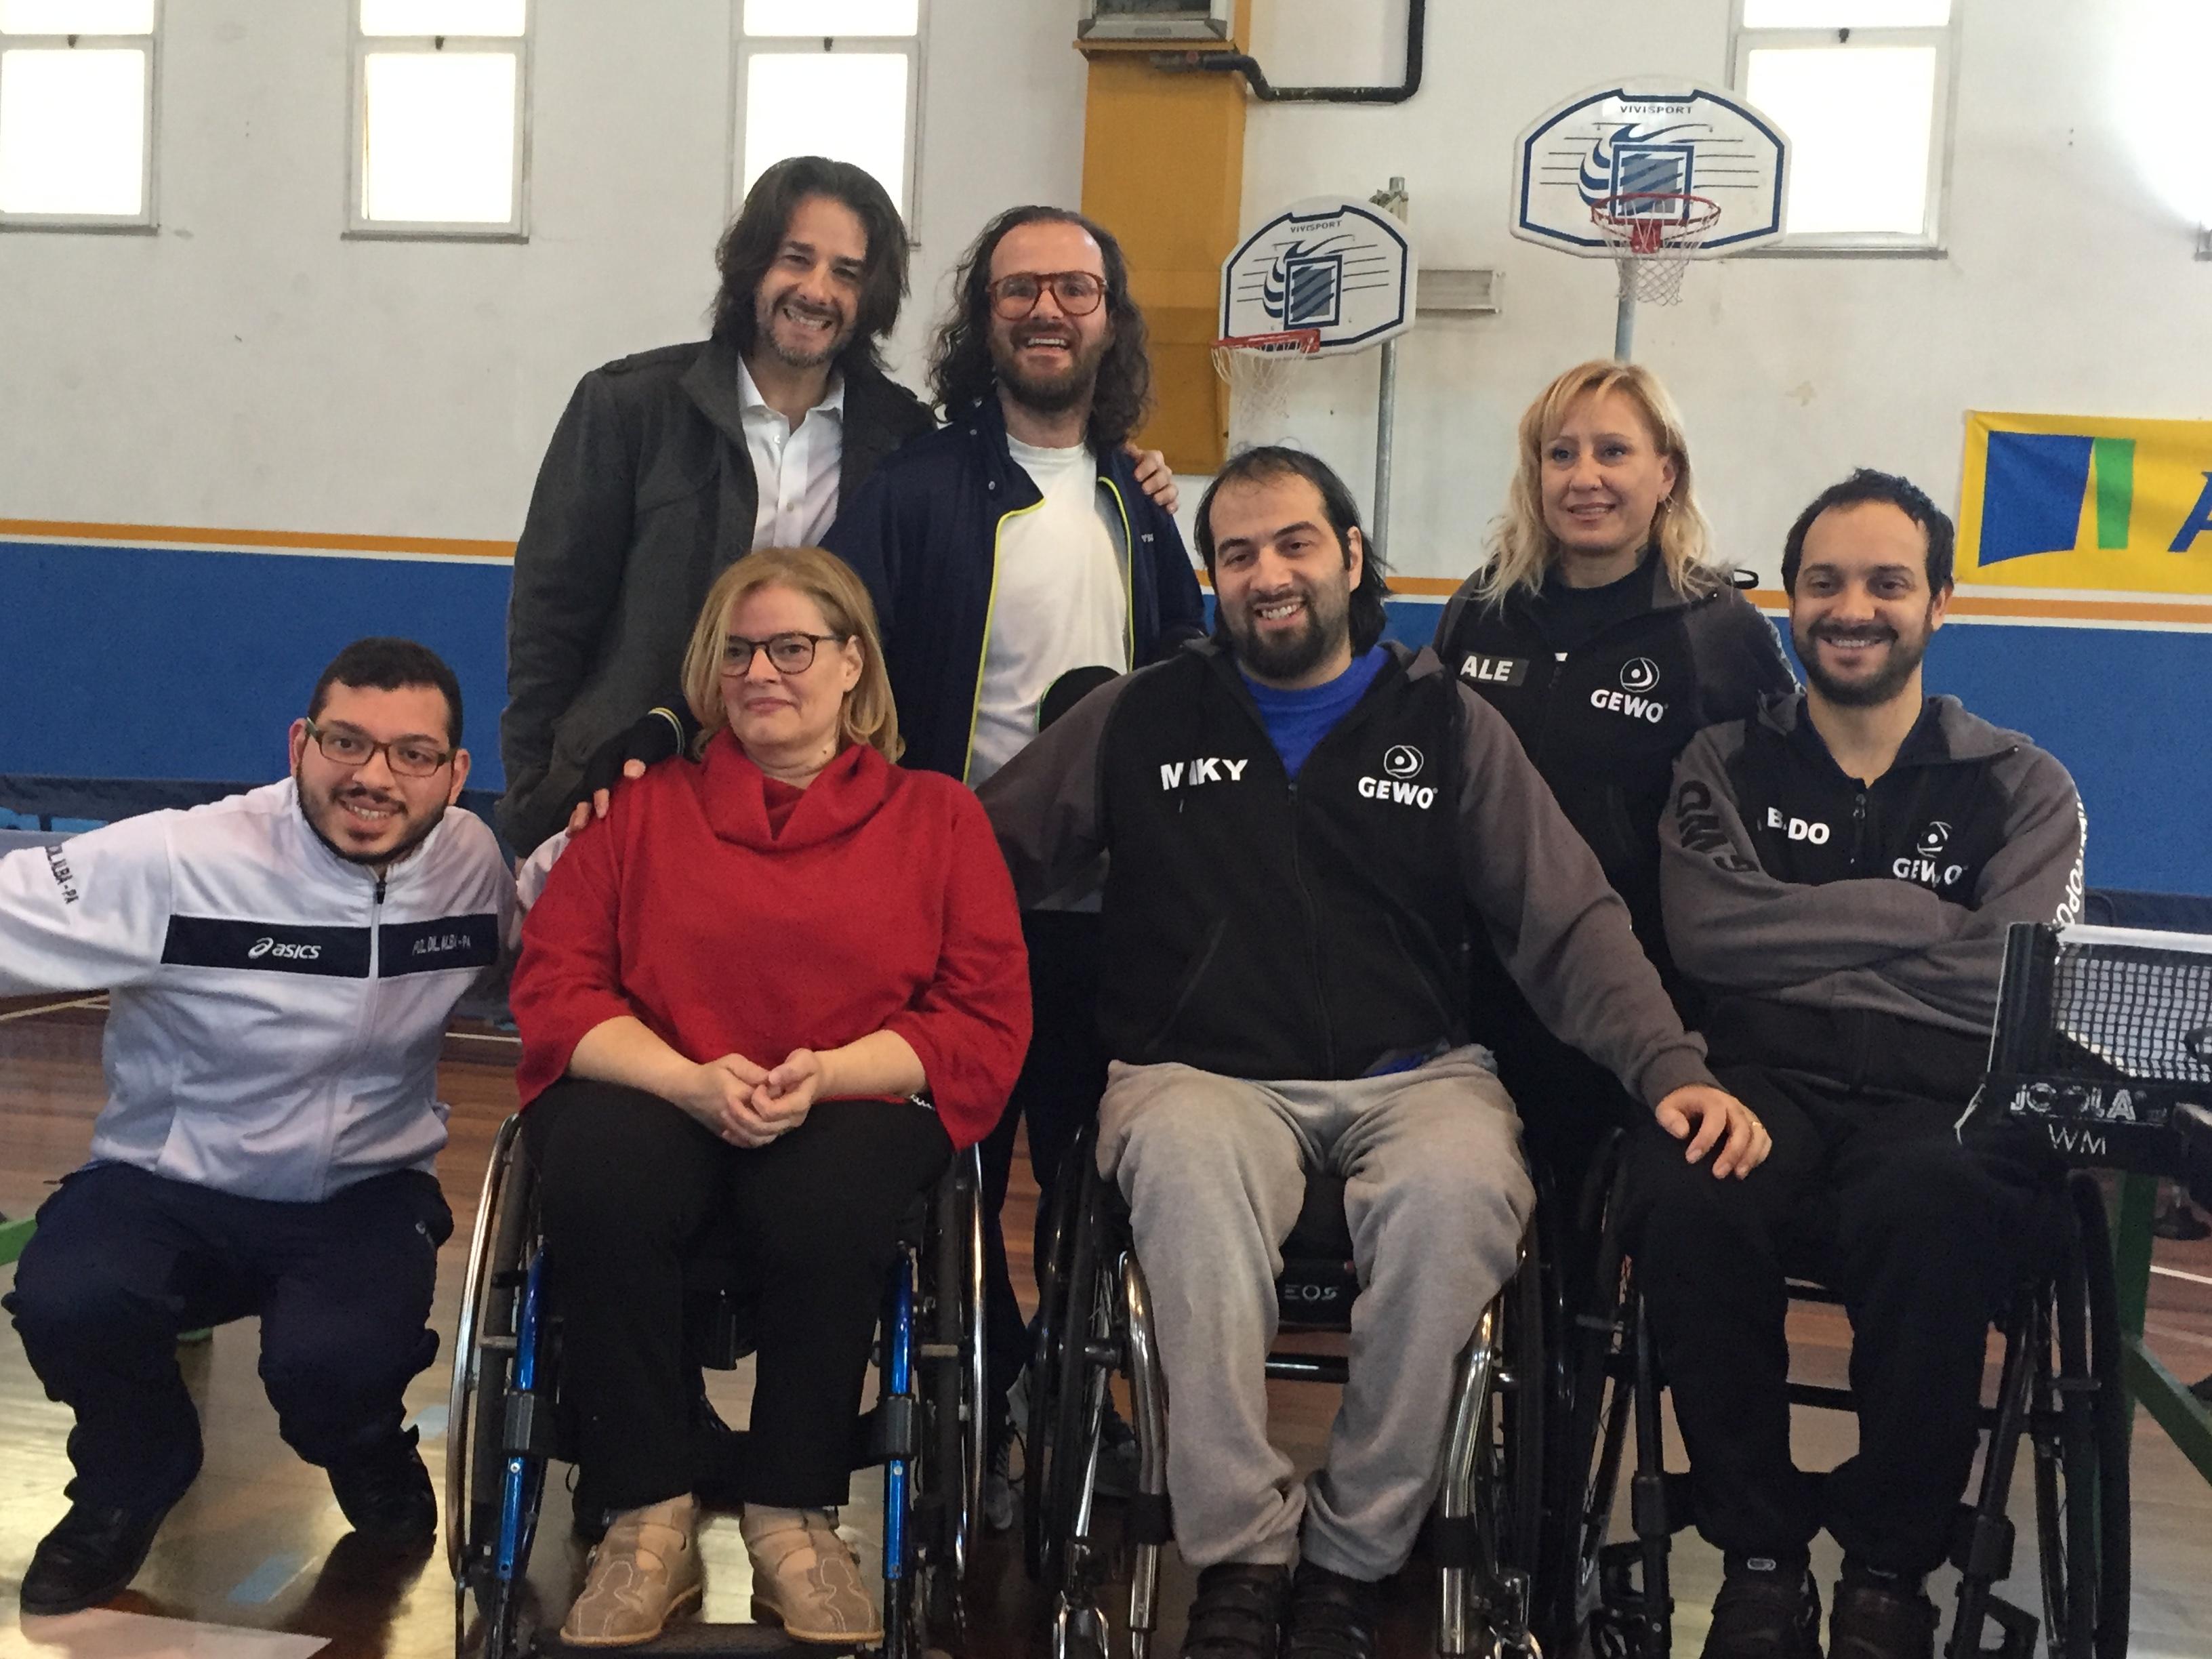 Borse di studio per disabili finanziate dai cinque stelle for Deputati cinque stelle